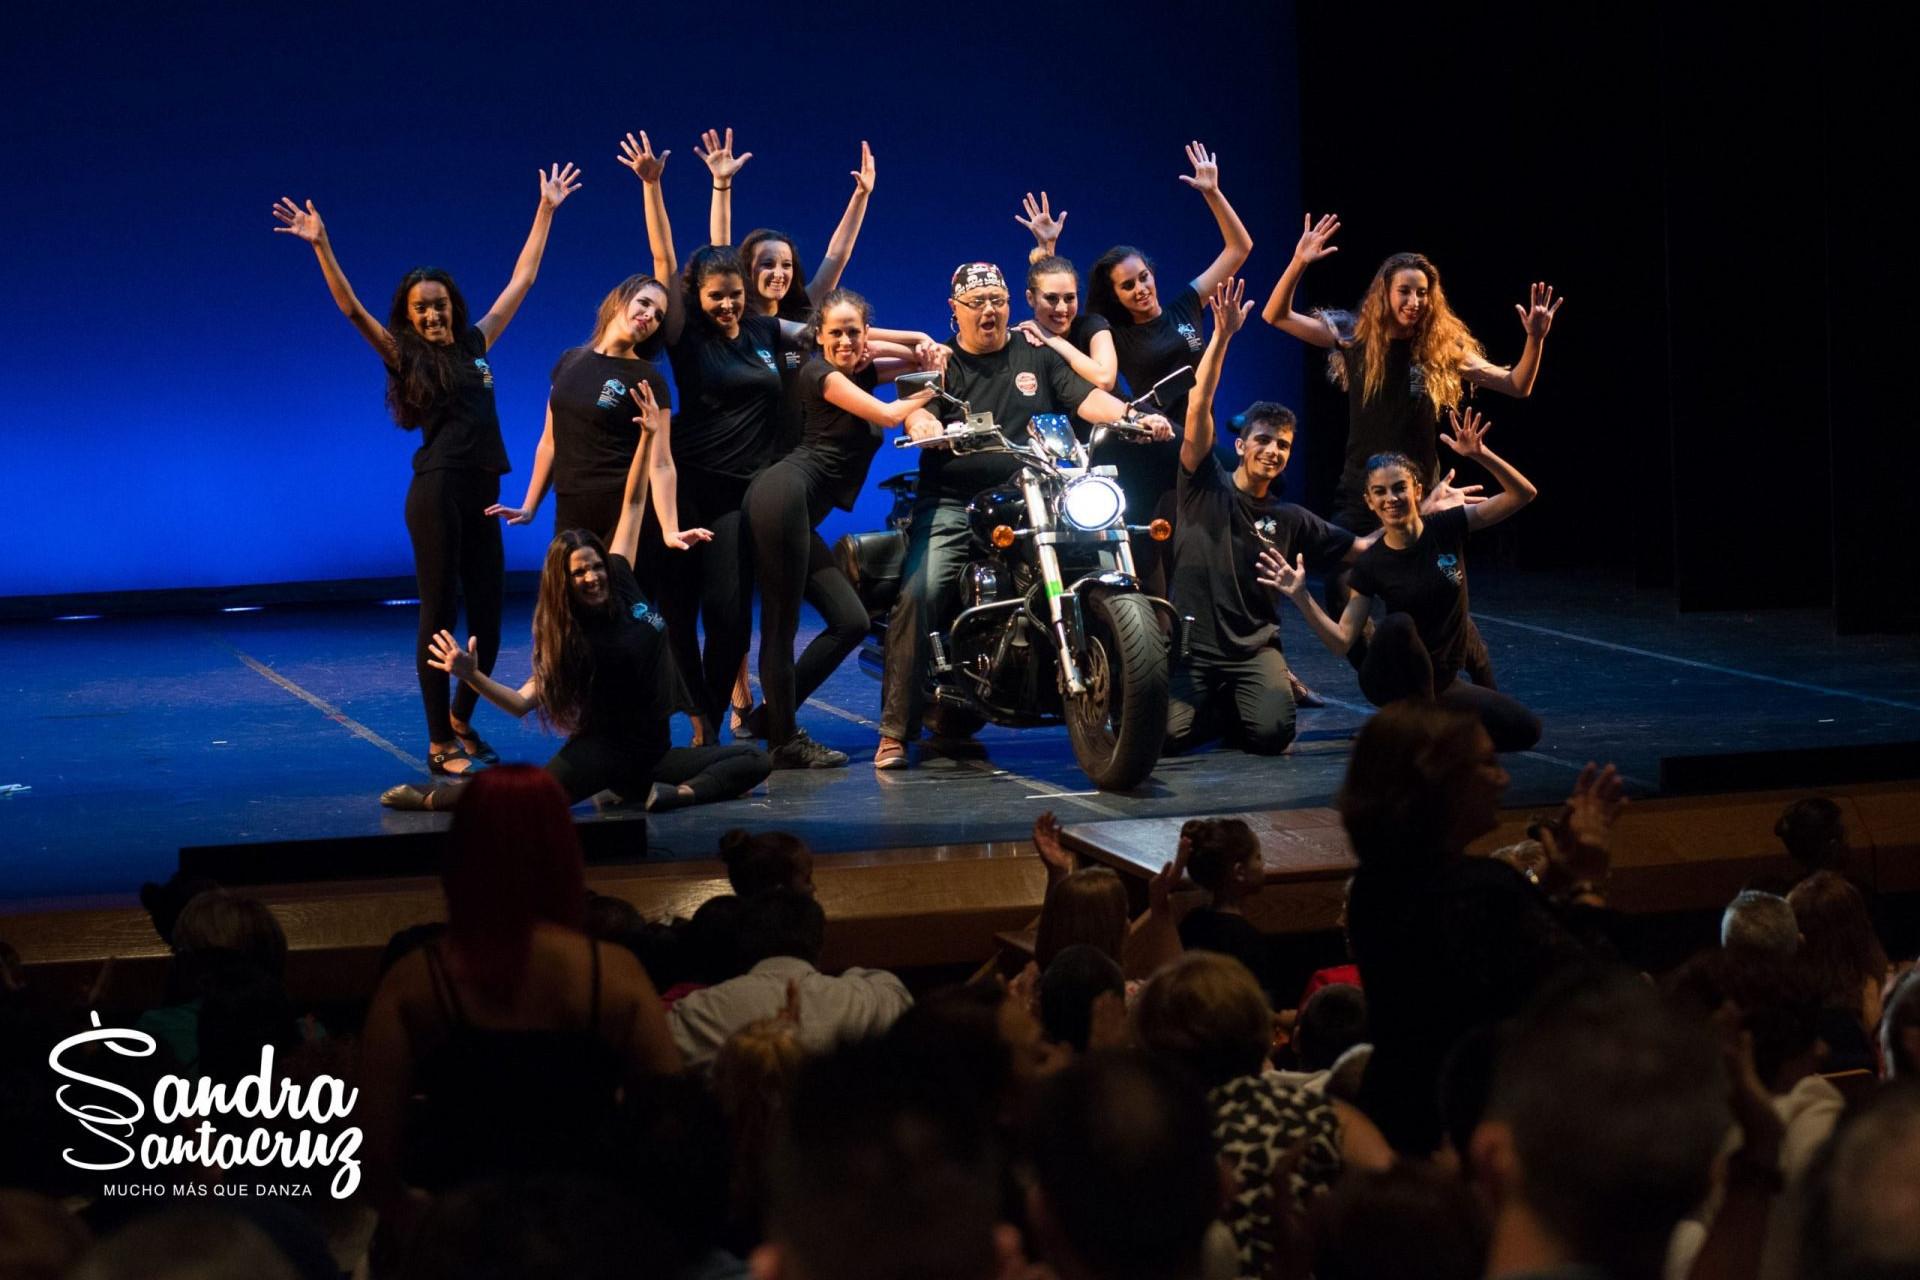 Foto de un espectáculo del Centor de Danza Sandra Santa Cruz con una motosobre le escenario y los bailarines bailan a su alrededor.